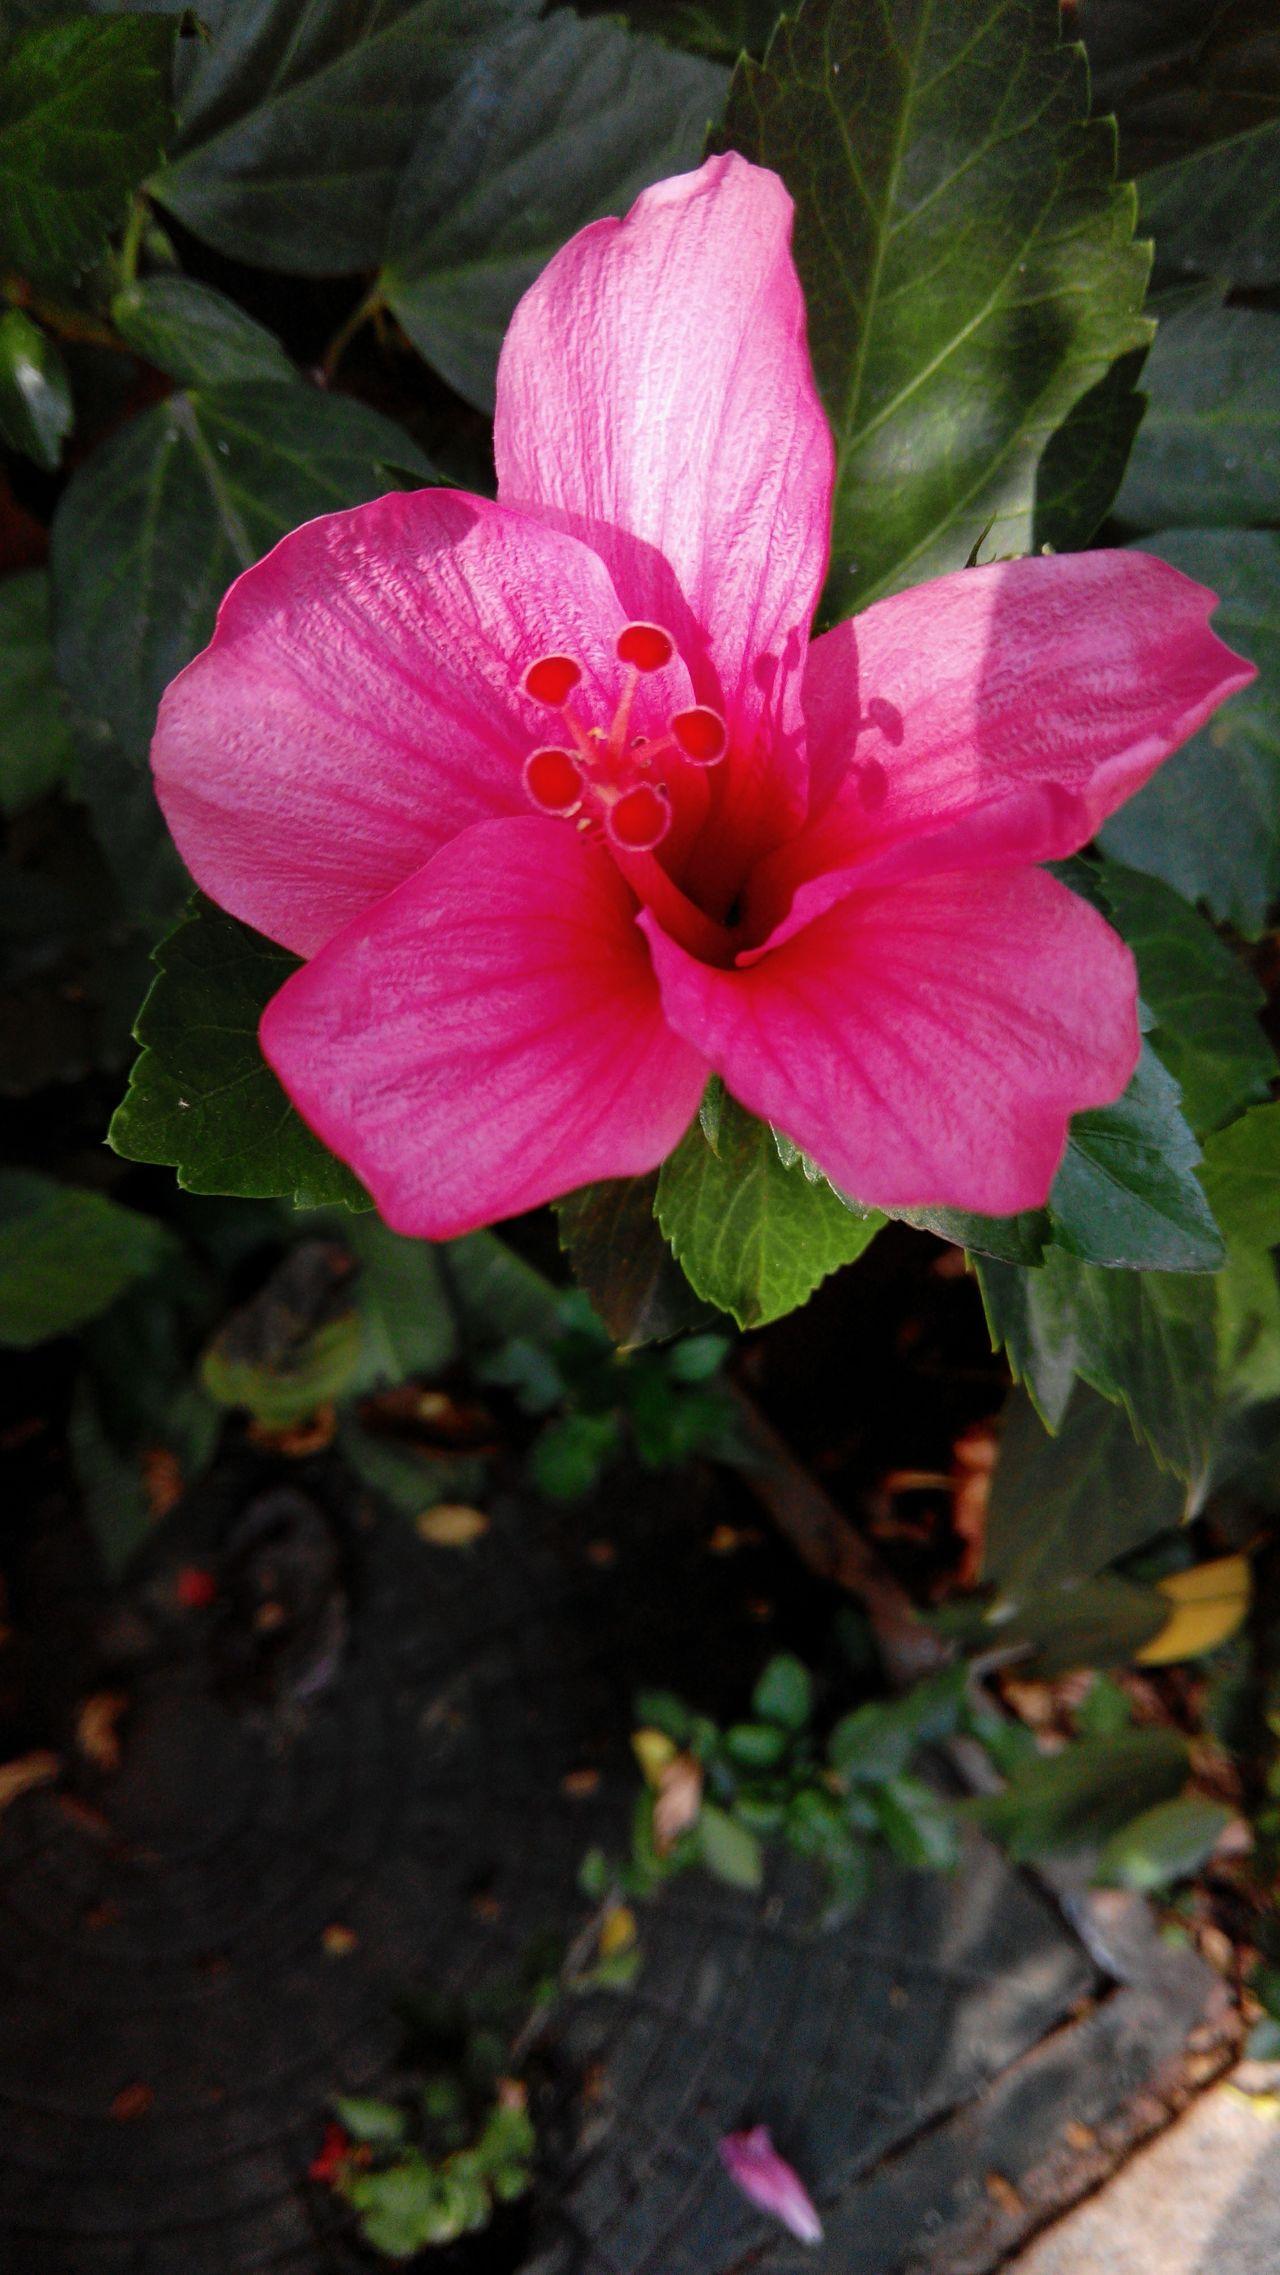 Pink shoe flower Flower Flowers Shoeflower Pinkshoeflower Pinkflower